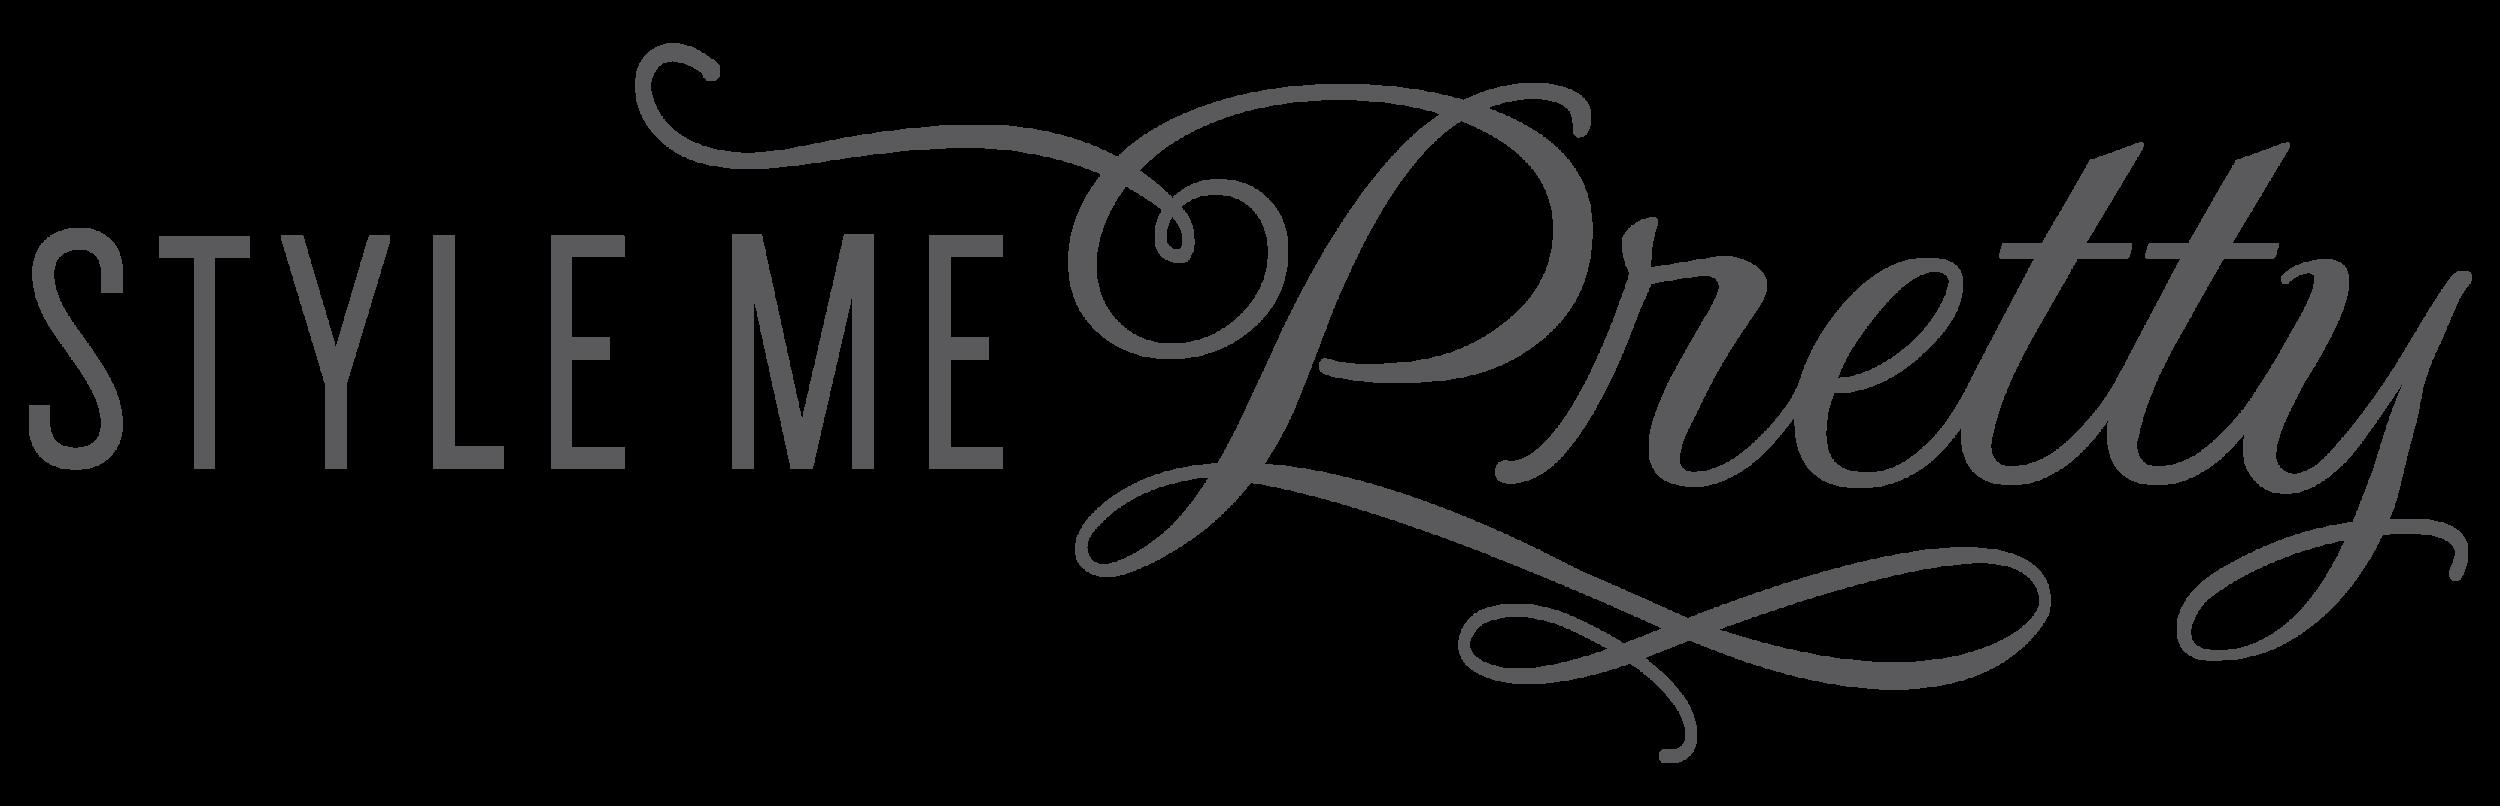 style-me-pretty-logo copy.png